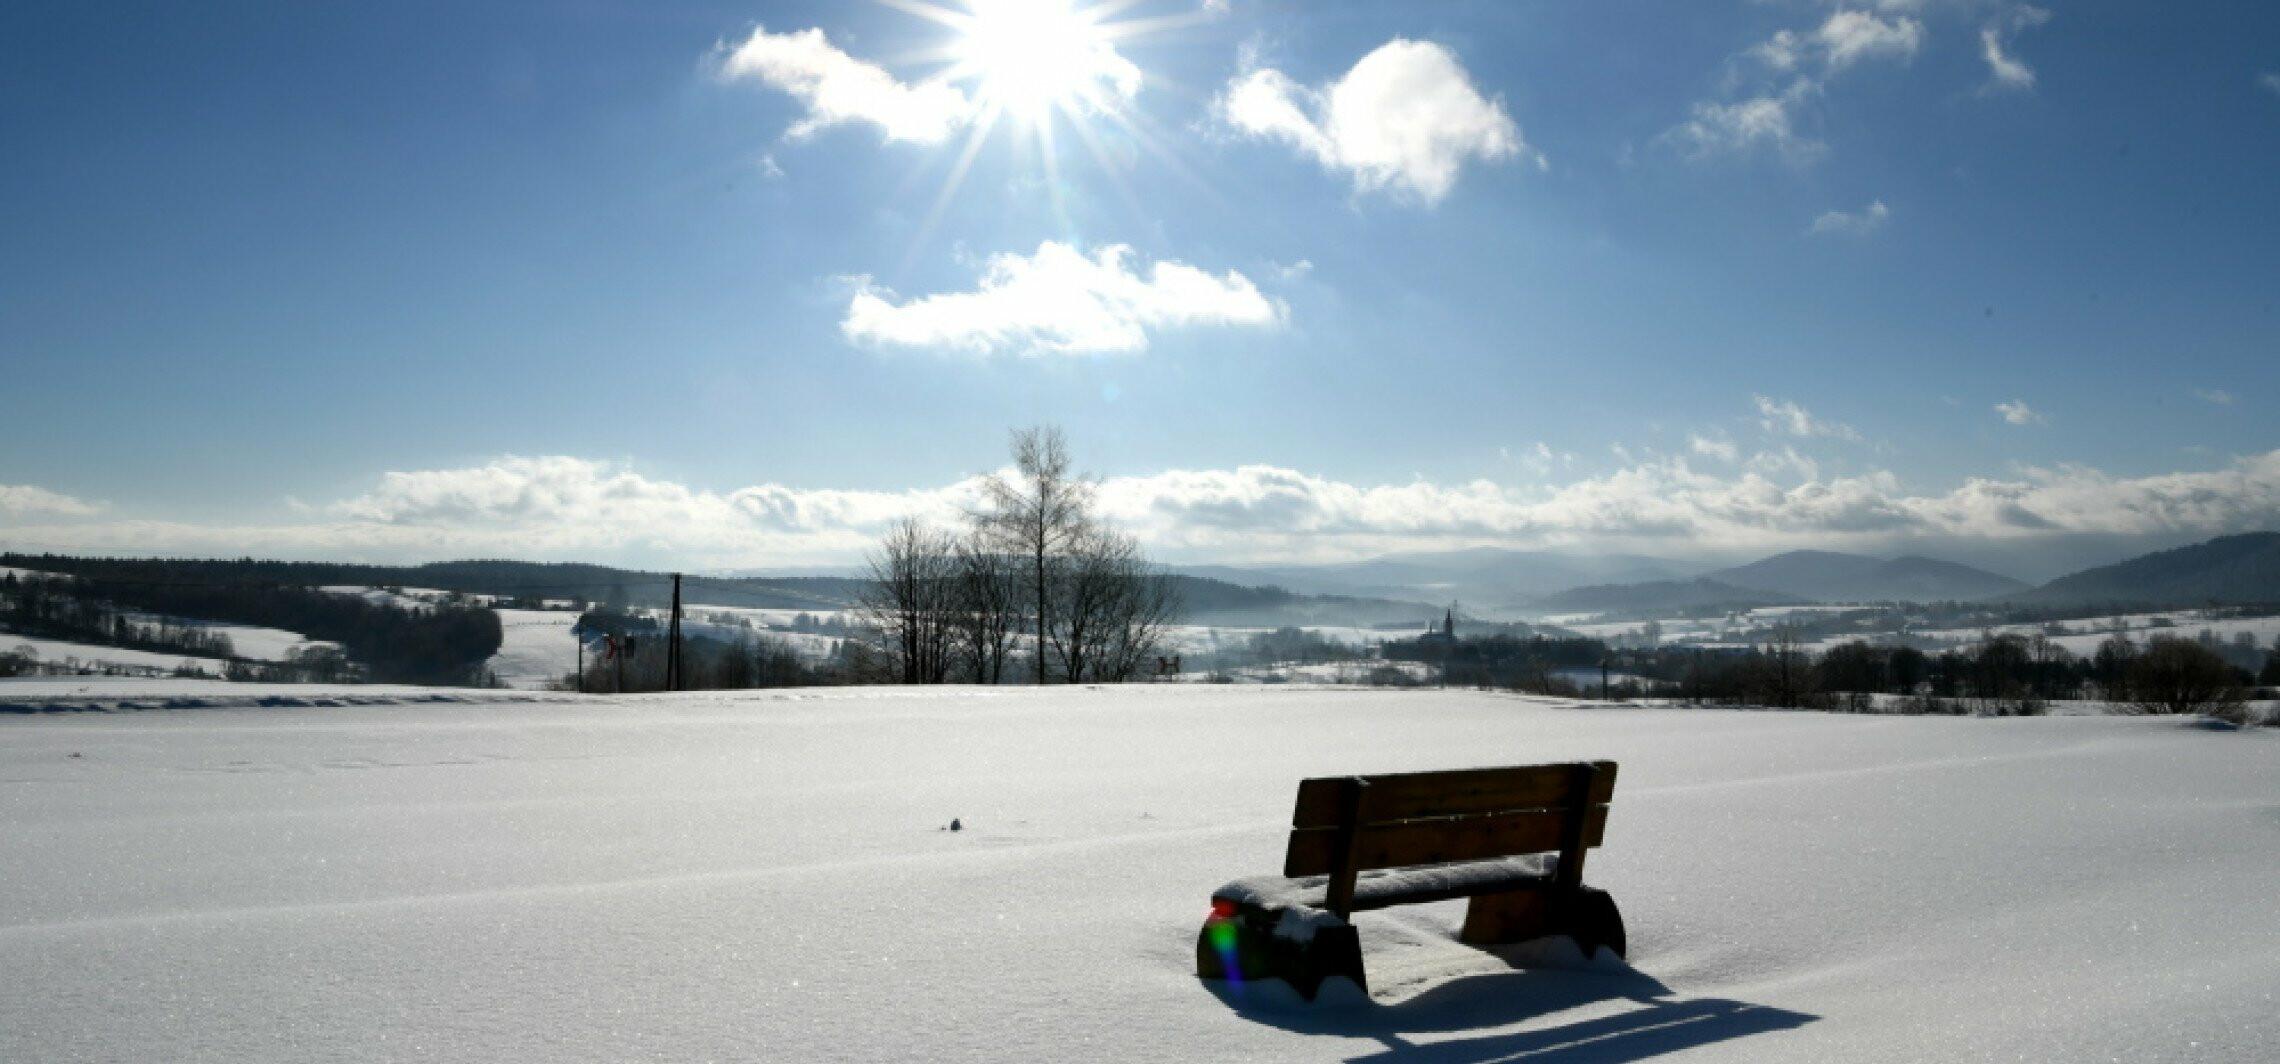 Kraj - Synoptyk IMGW: napływ ciepłego powietrza z zachodu będzie powodował topnienie śniegu; w nocy będzie zamarzać